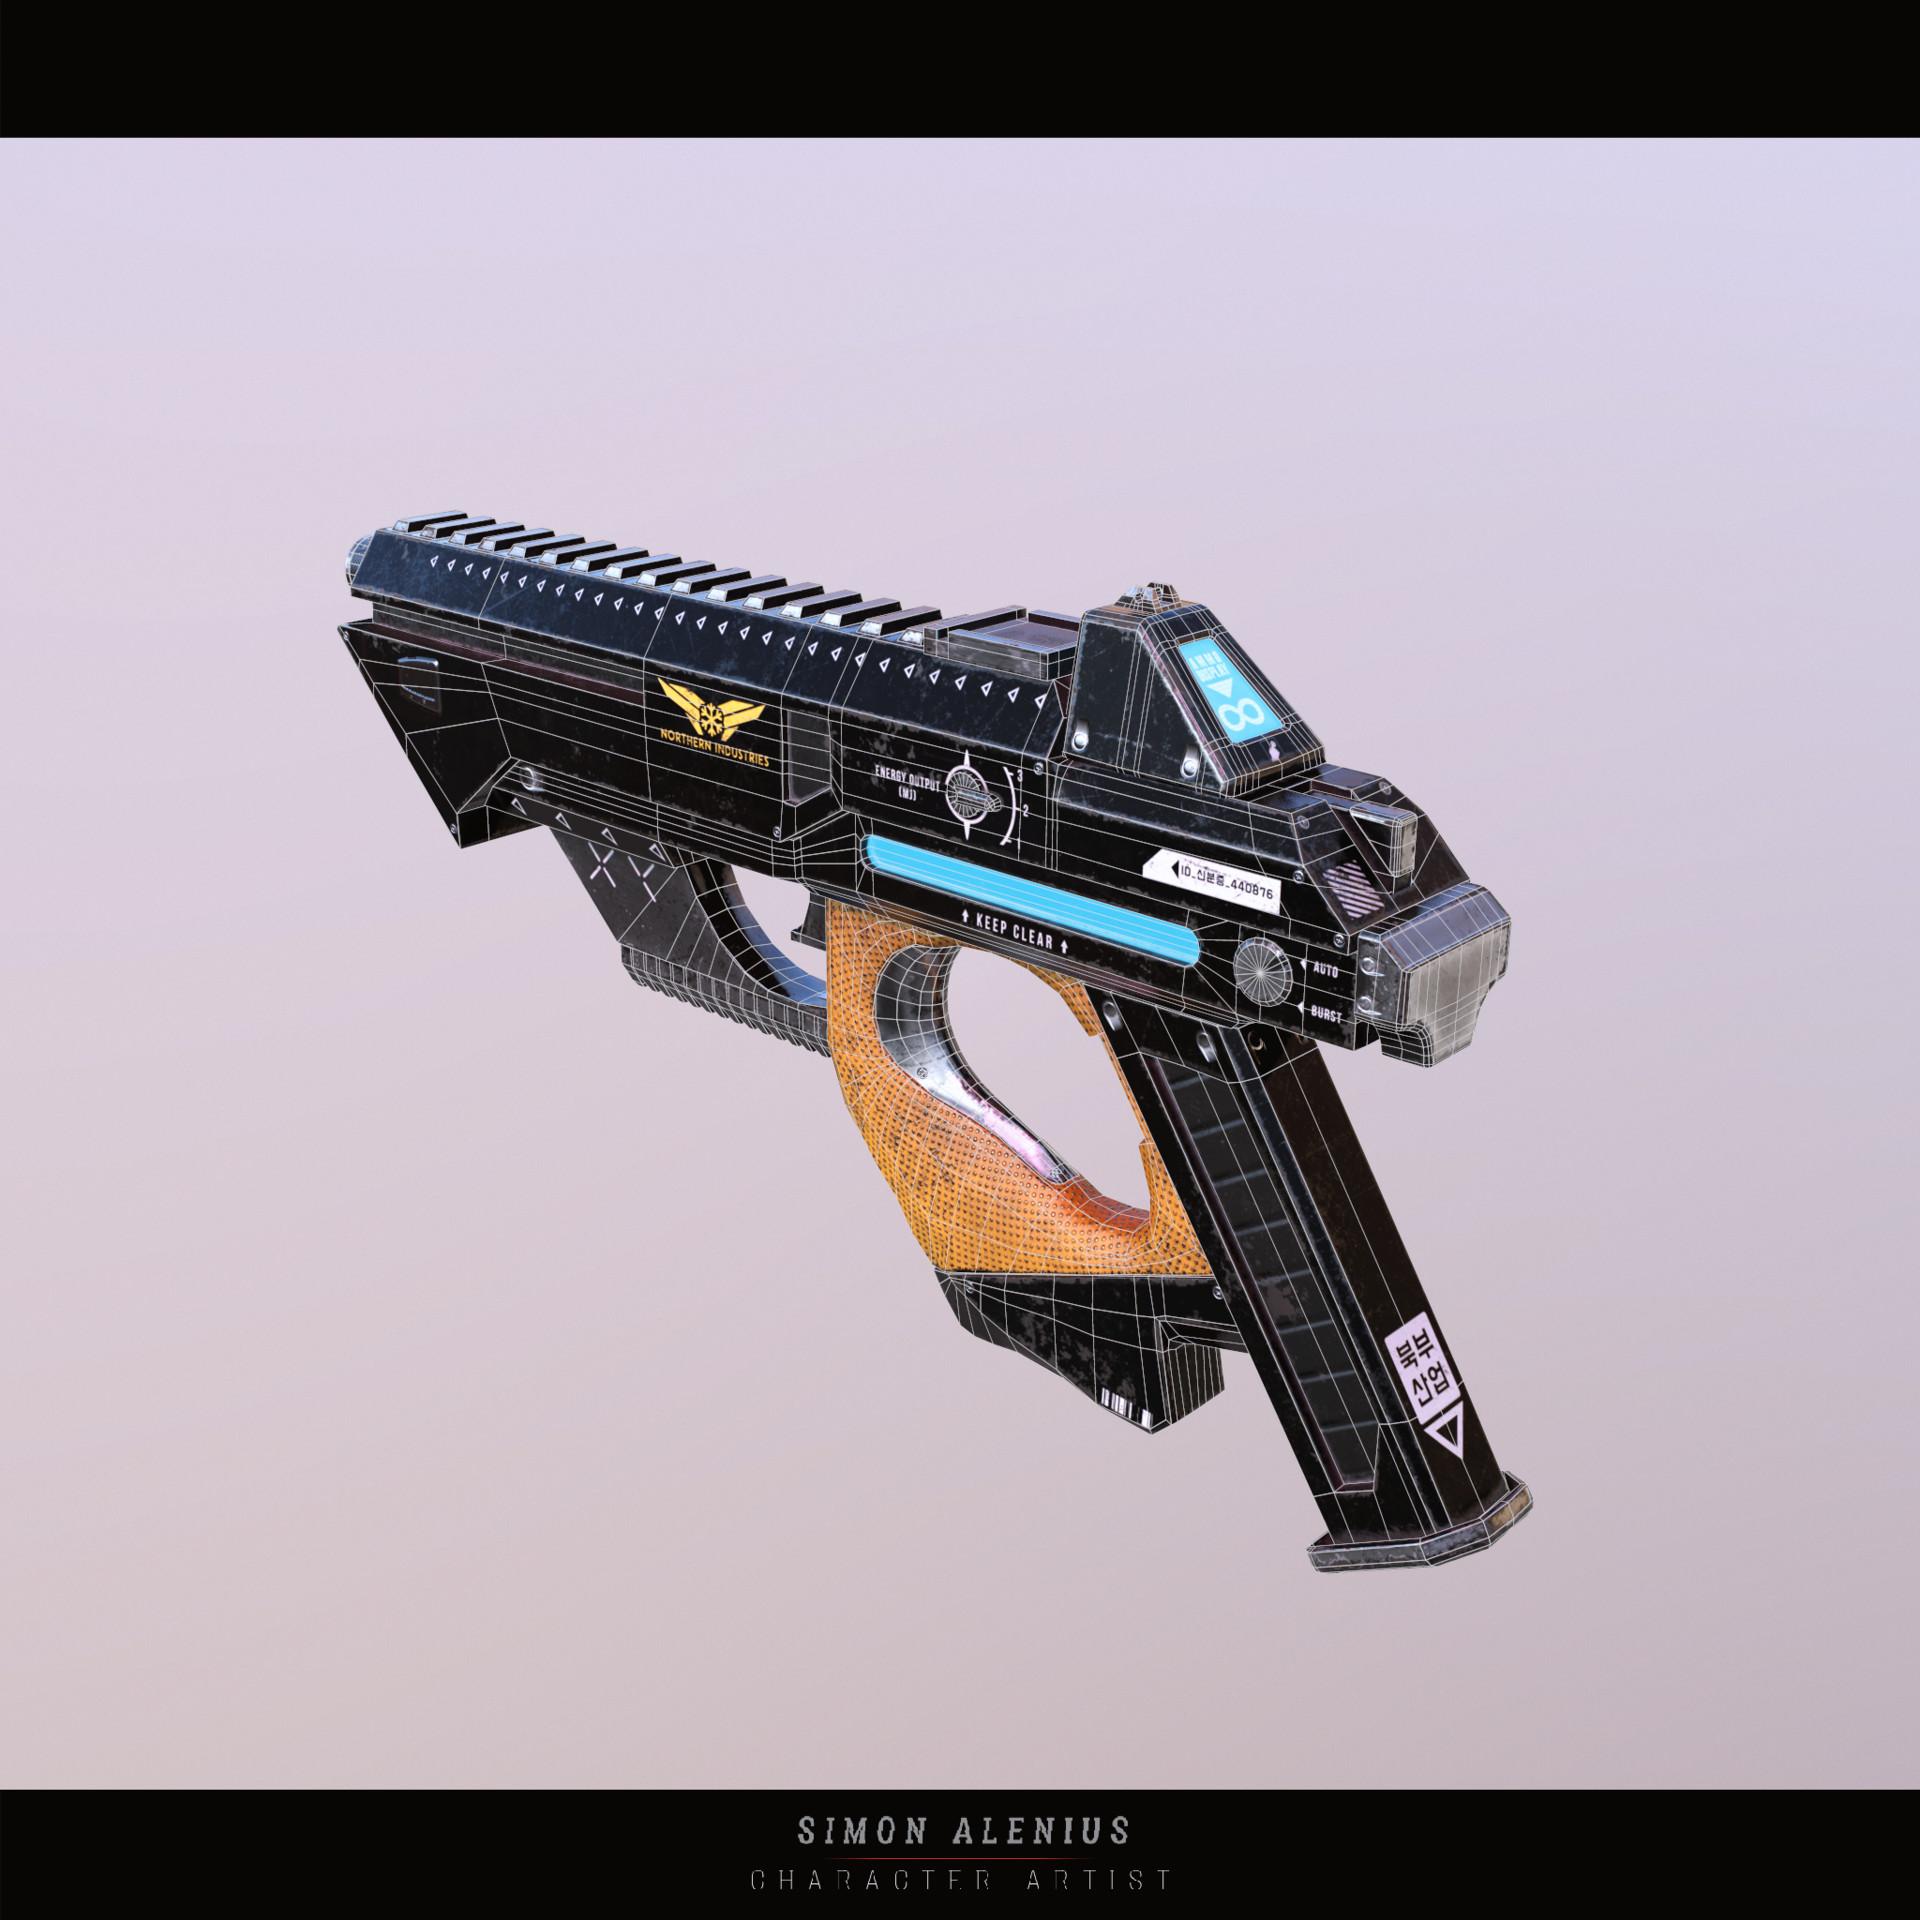 Simon alenius pistol 03